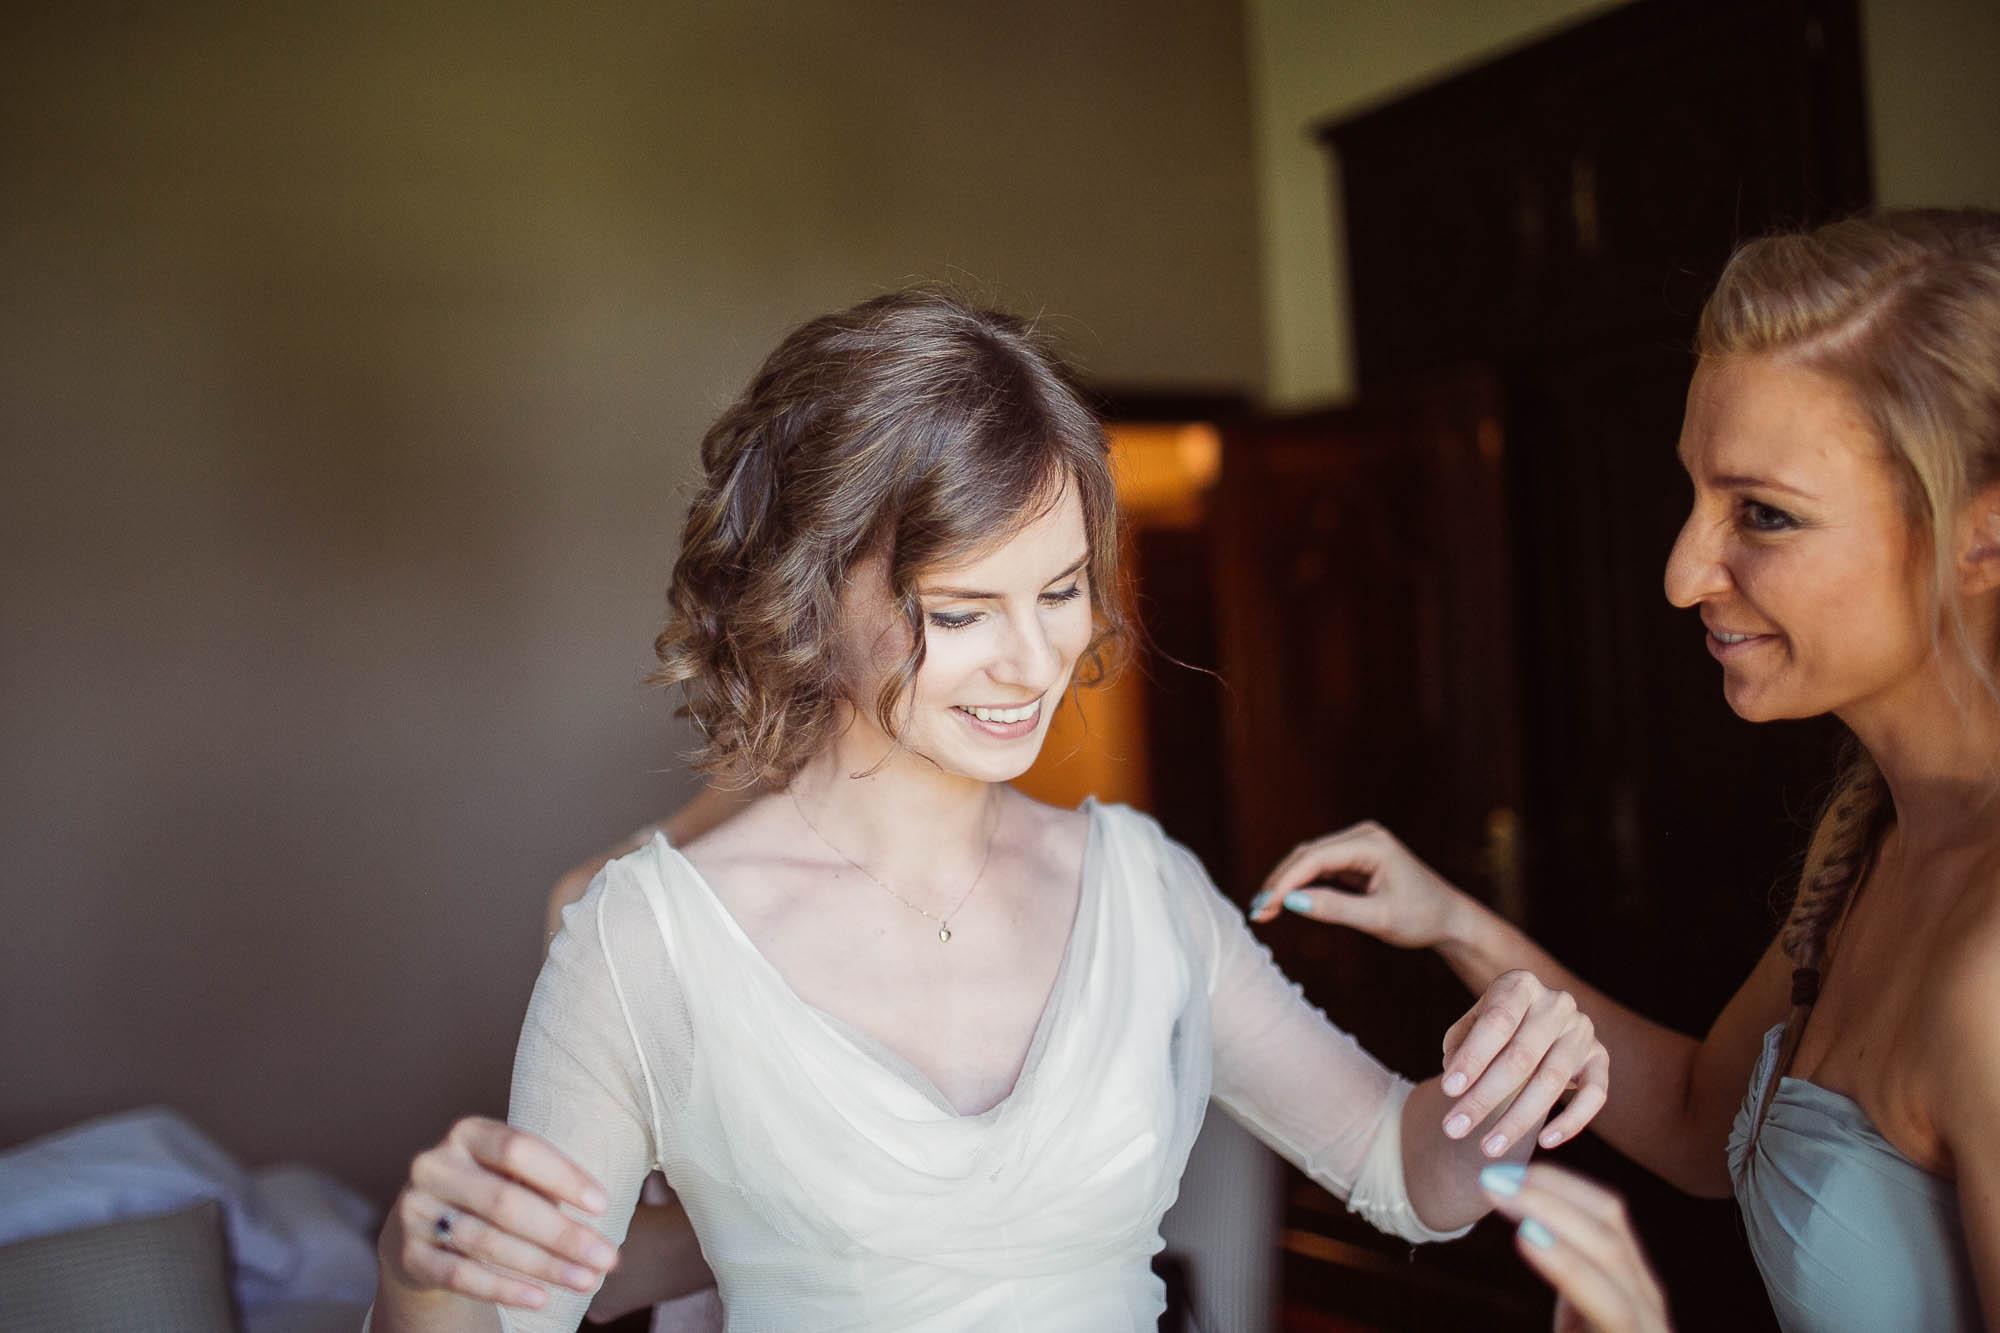 Una amiga ayudando a subir las mangas del vestido a la novia antes de la boda